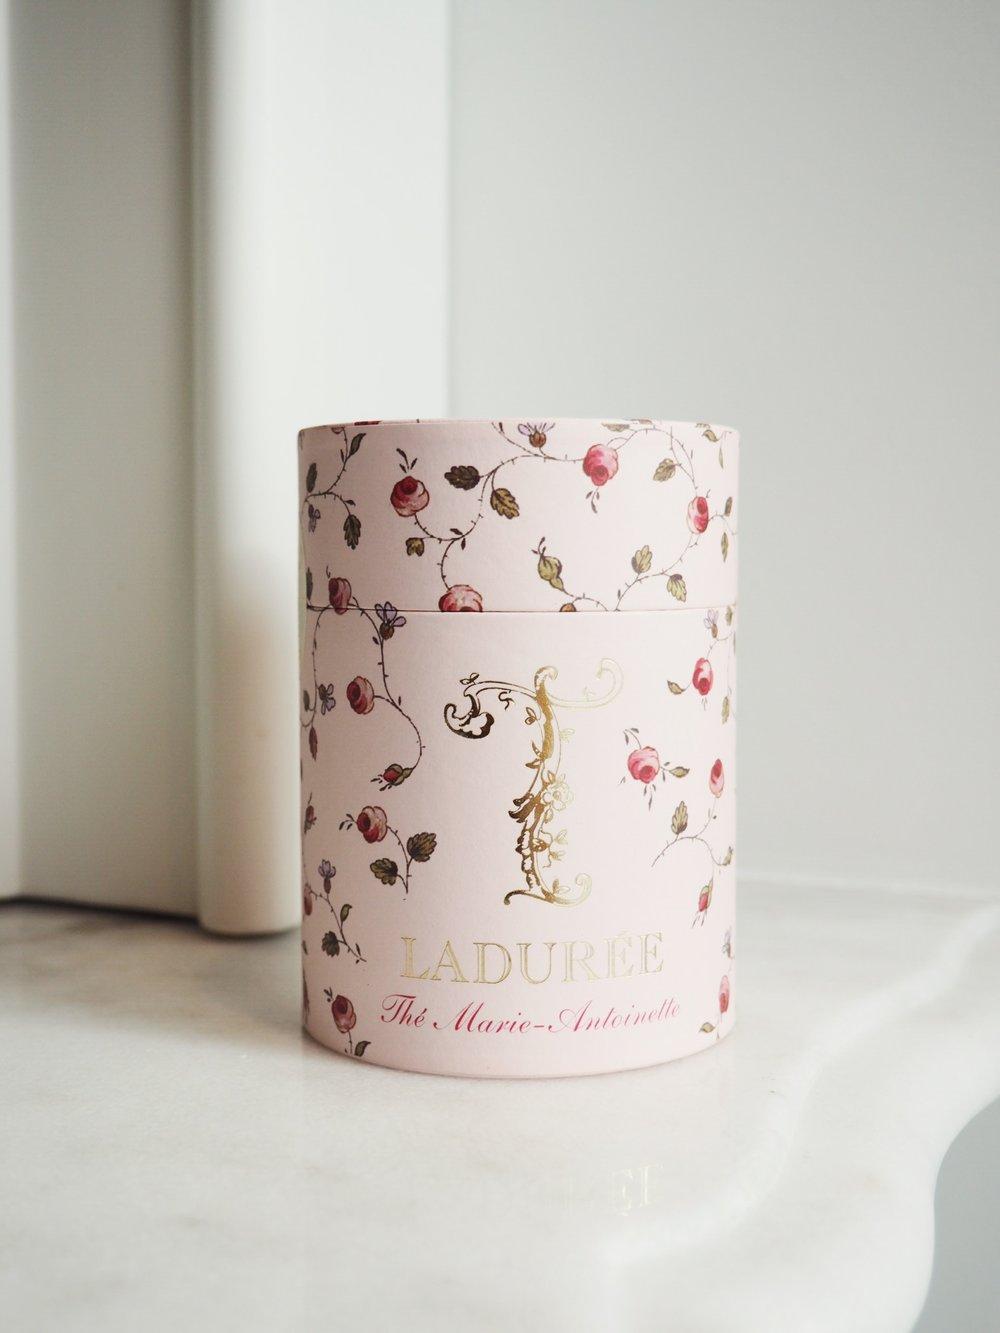 ladure-tea-1.JPG